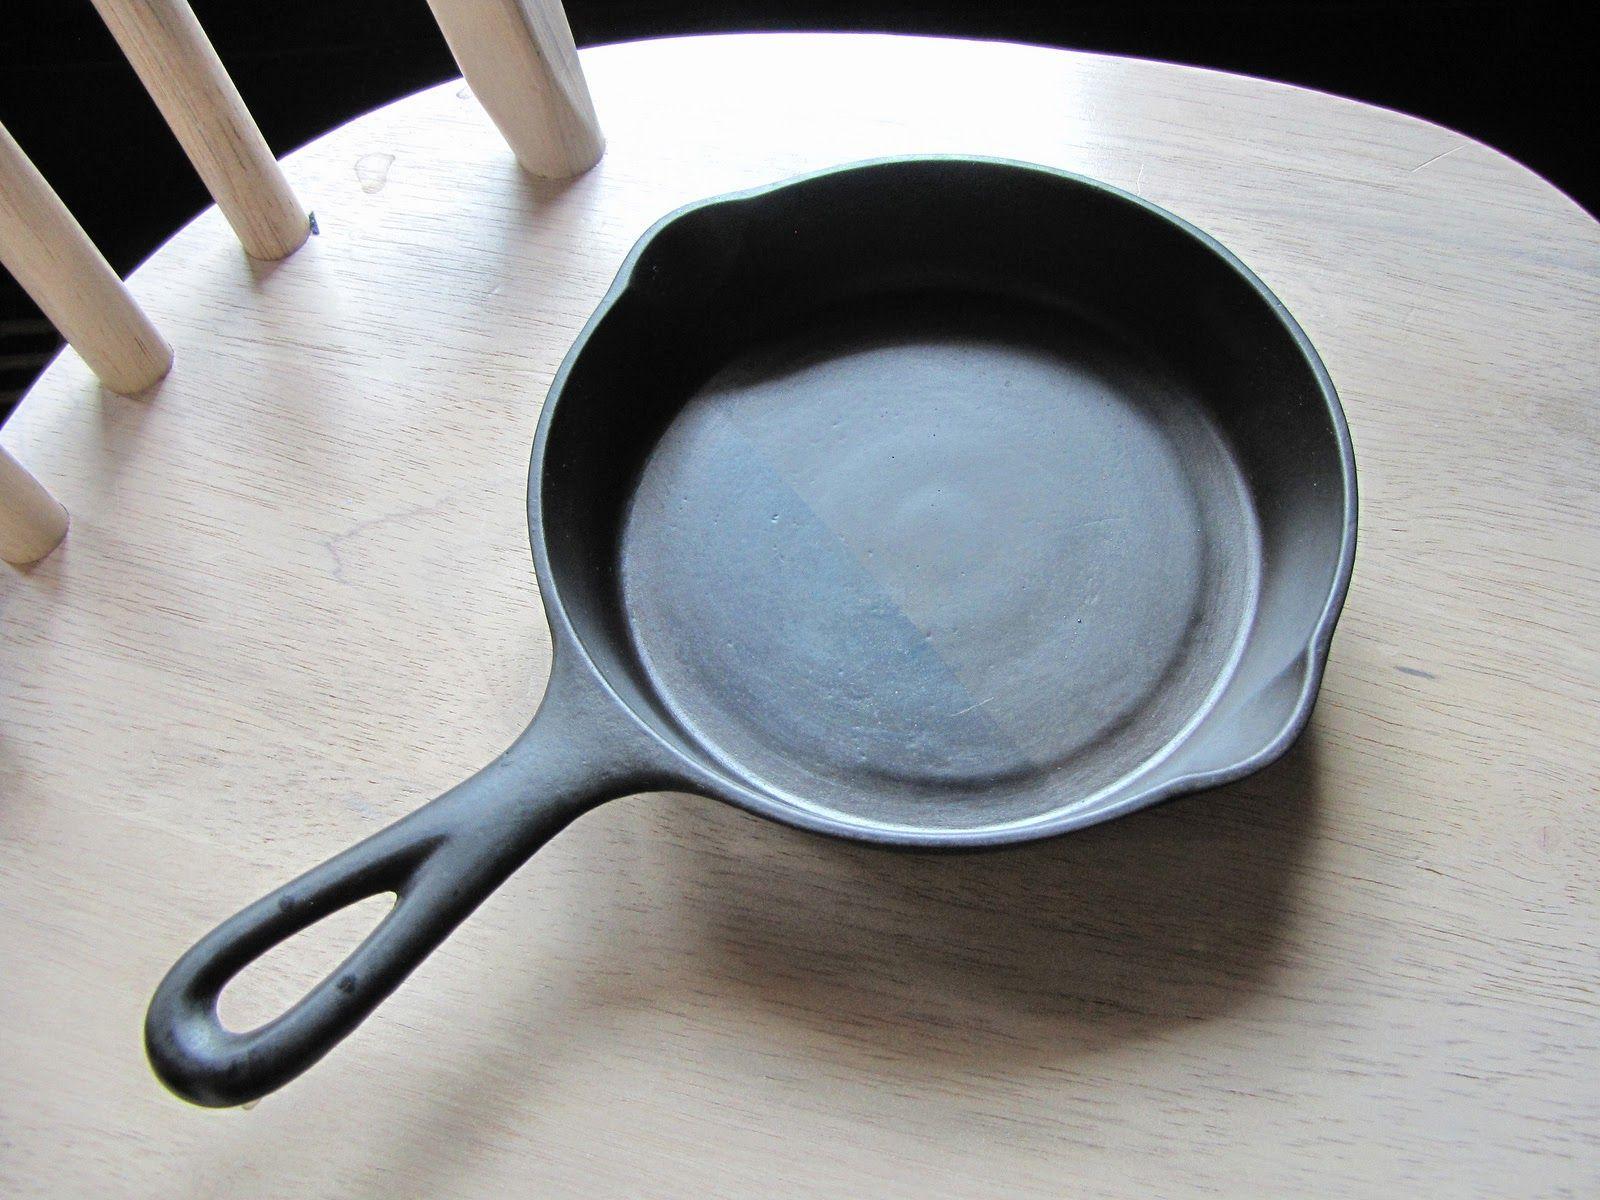 Curar sartenes de hierro fundido cocina pinterest - Sartenes hierro fundido ...